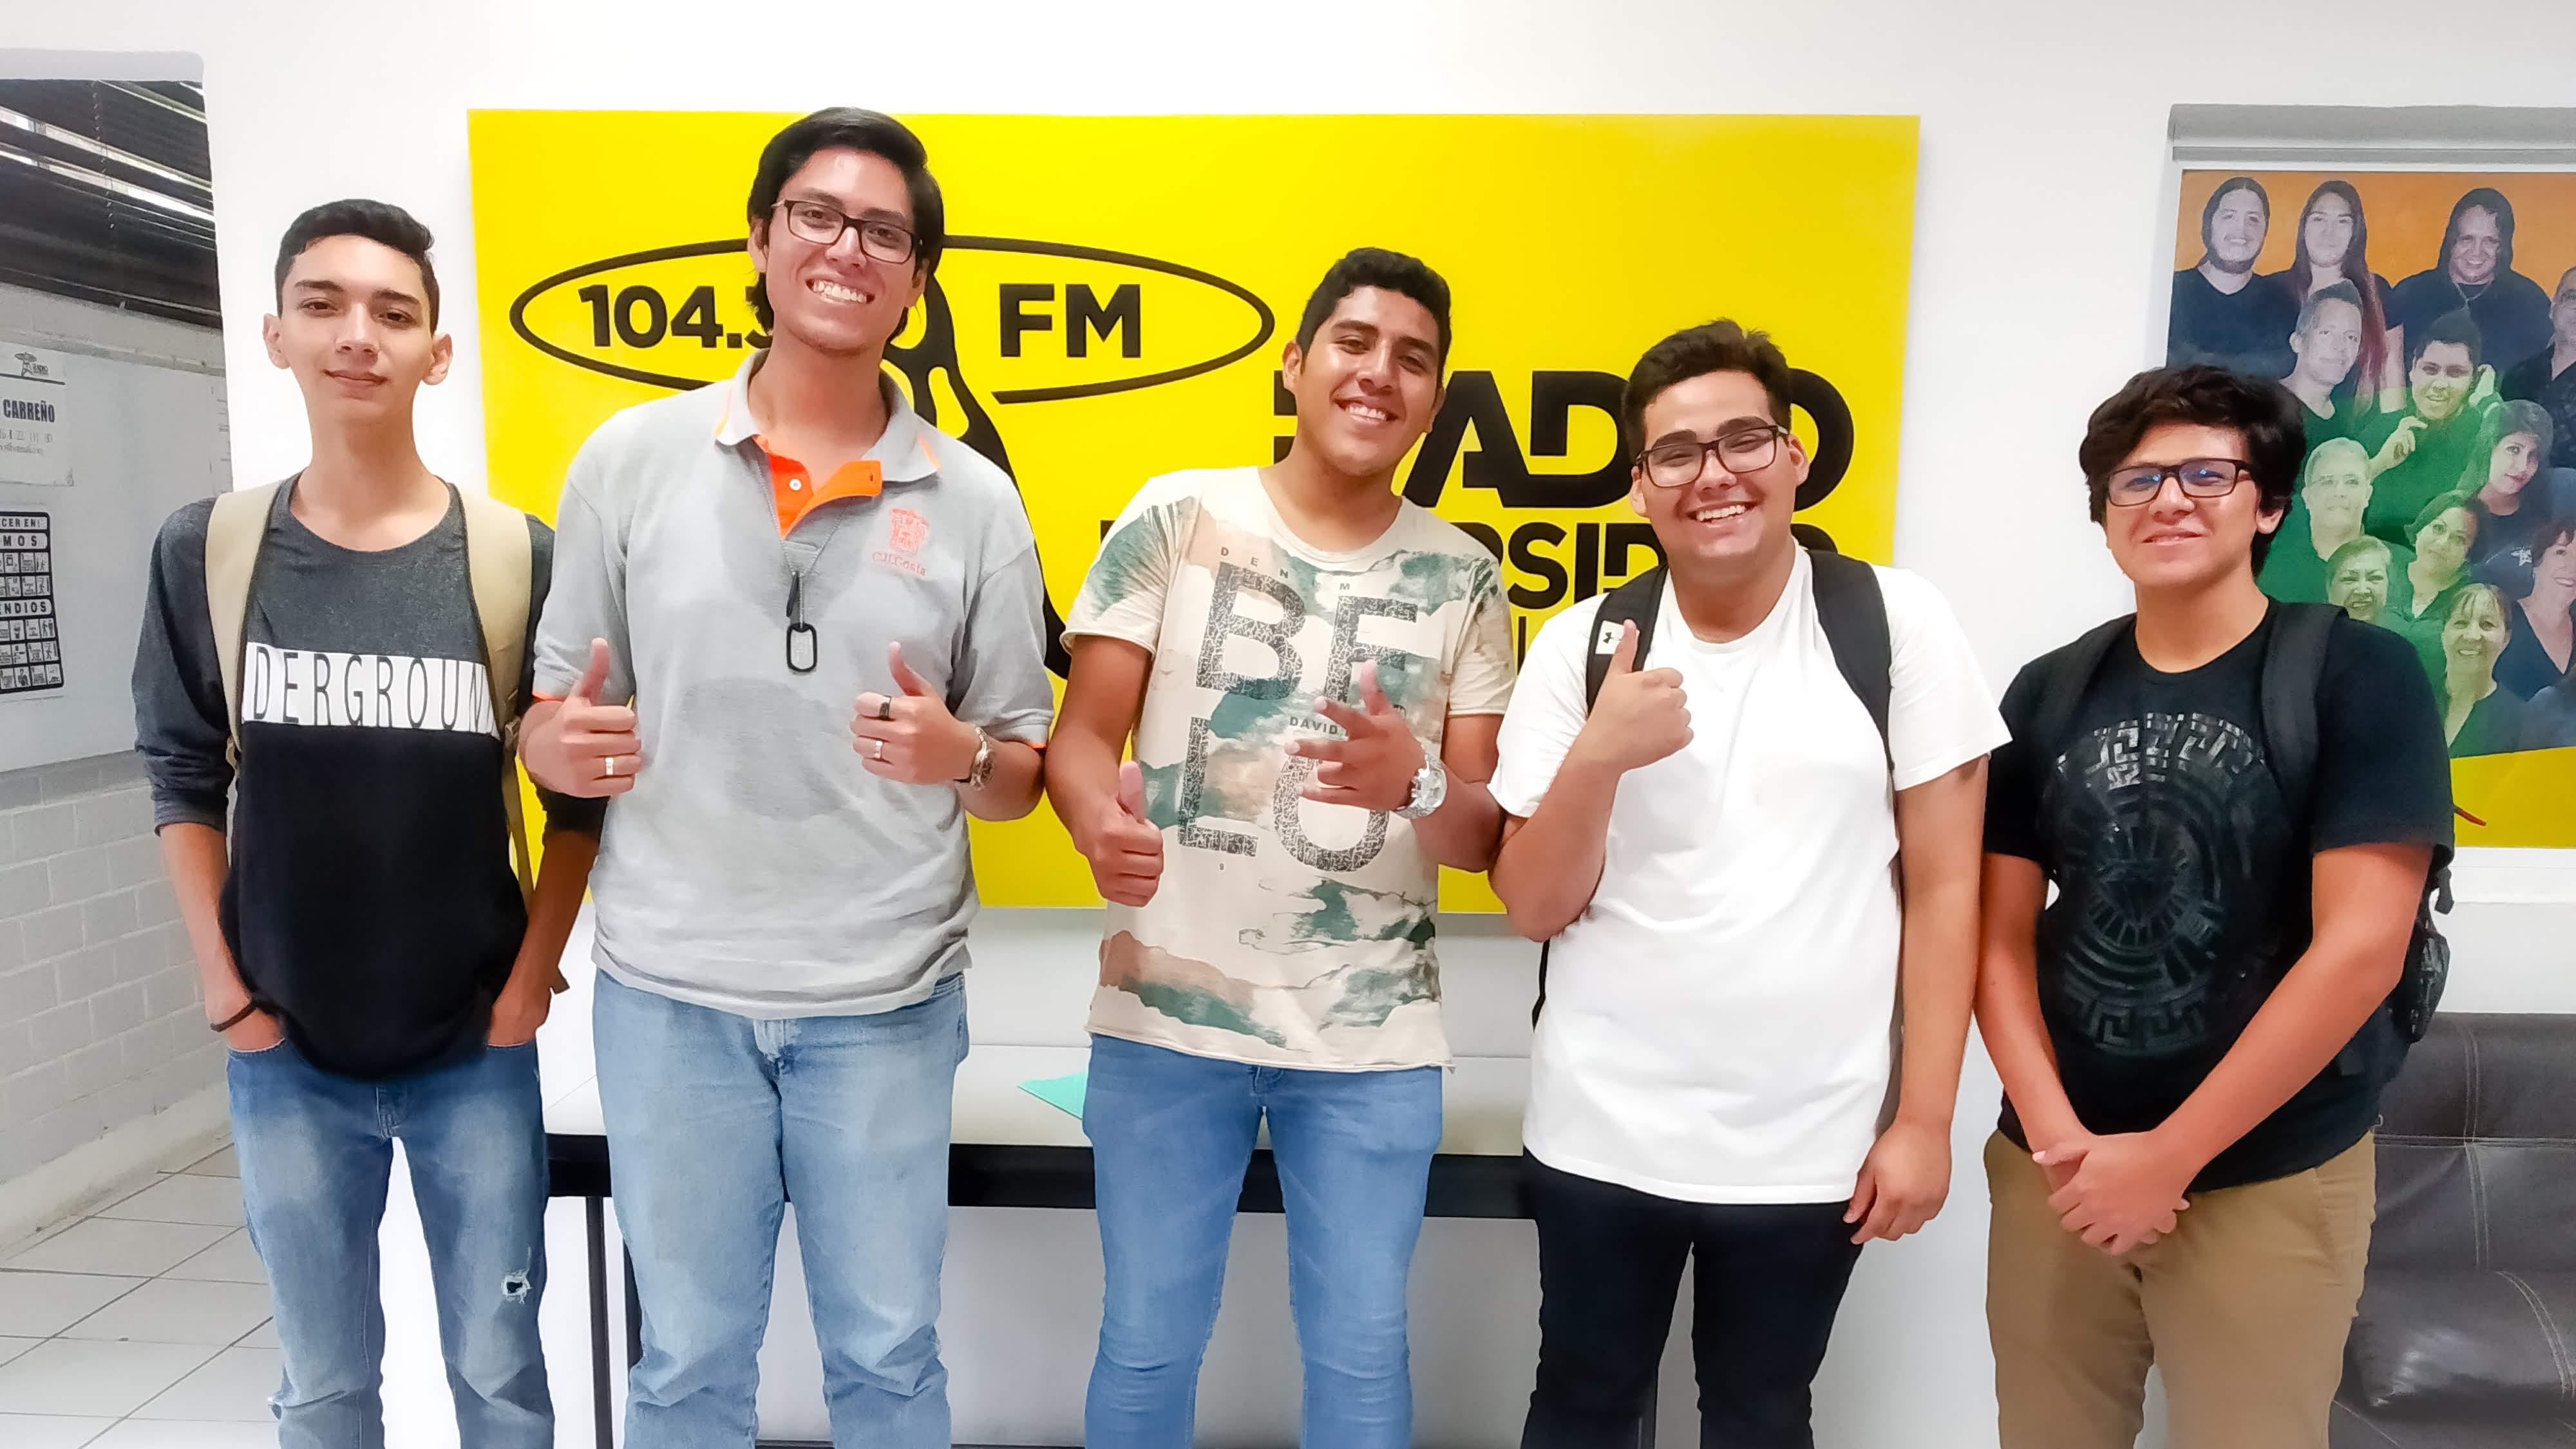 Alumnos de primer ingreso a Multimedia CUC UDG con el presidente de multimedia Enrique Téllez Nava